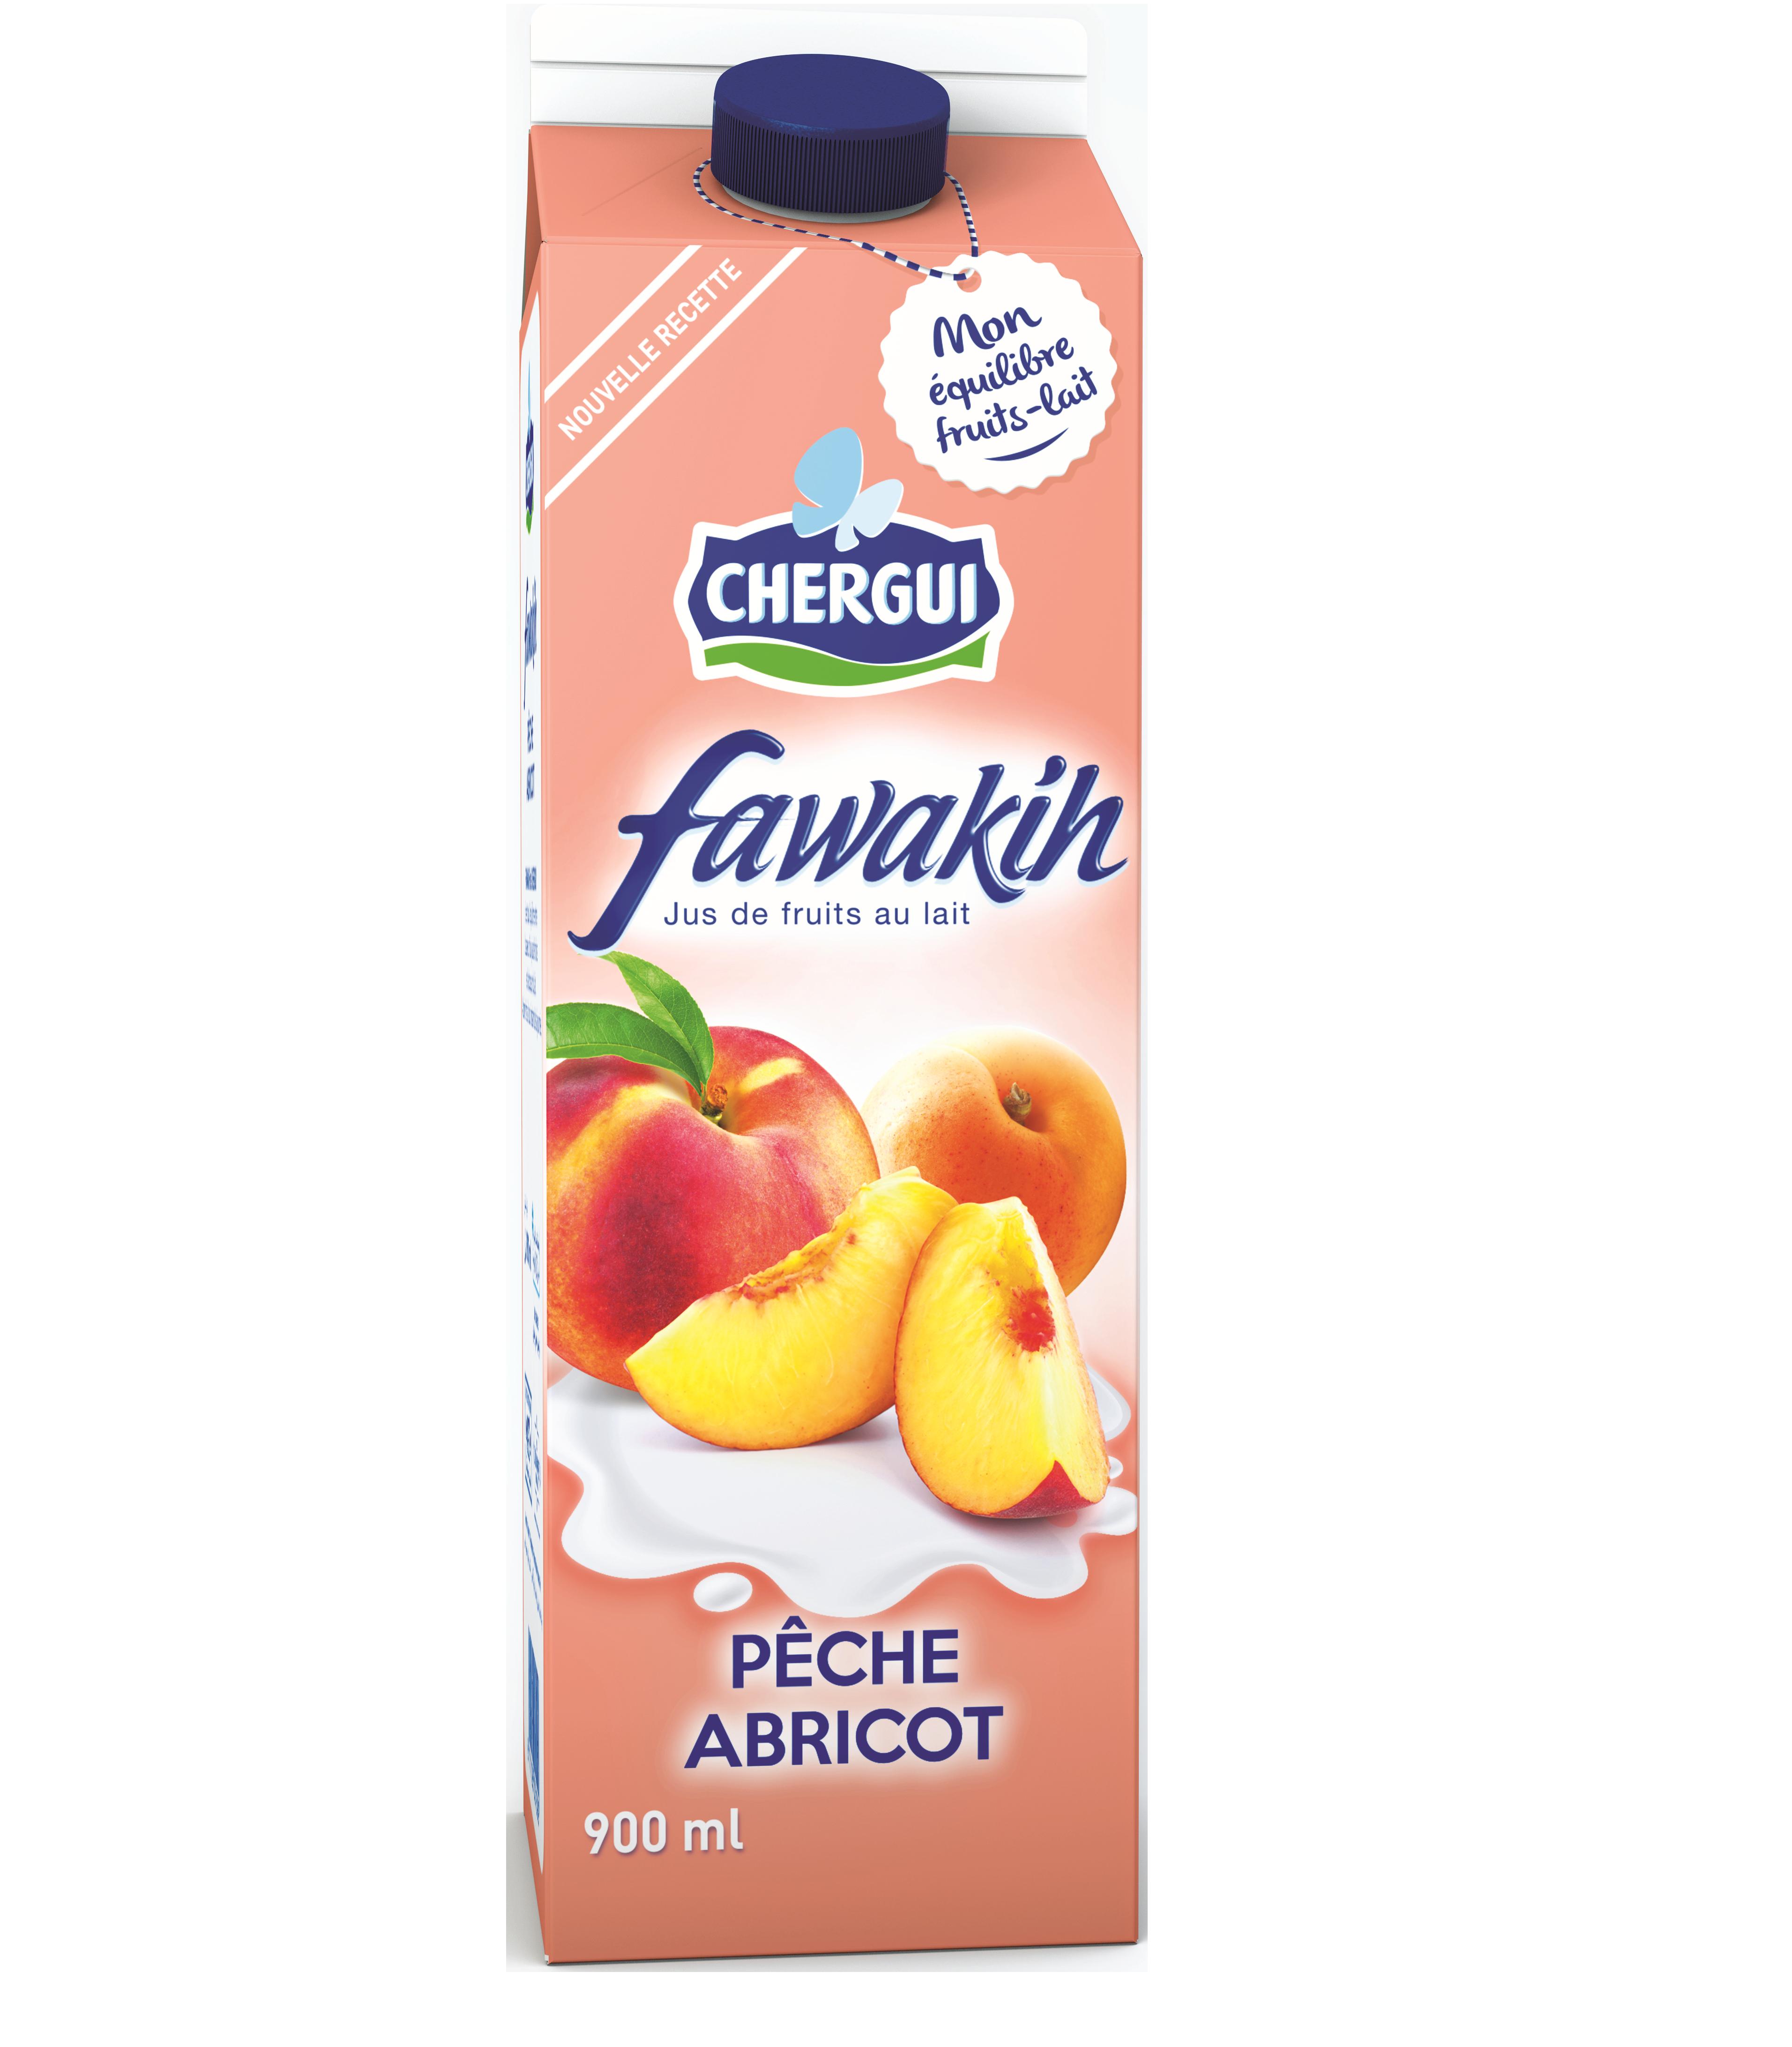 FAWAKIH Jus de Fruit au Lait Pêche/abricot